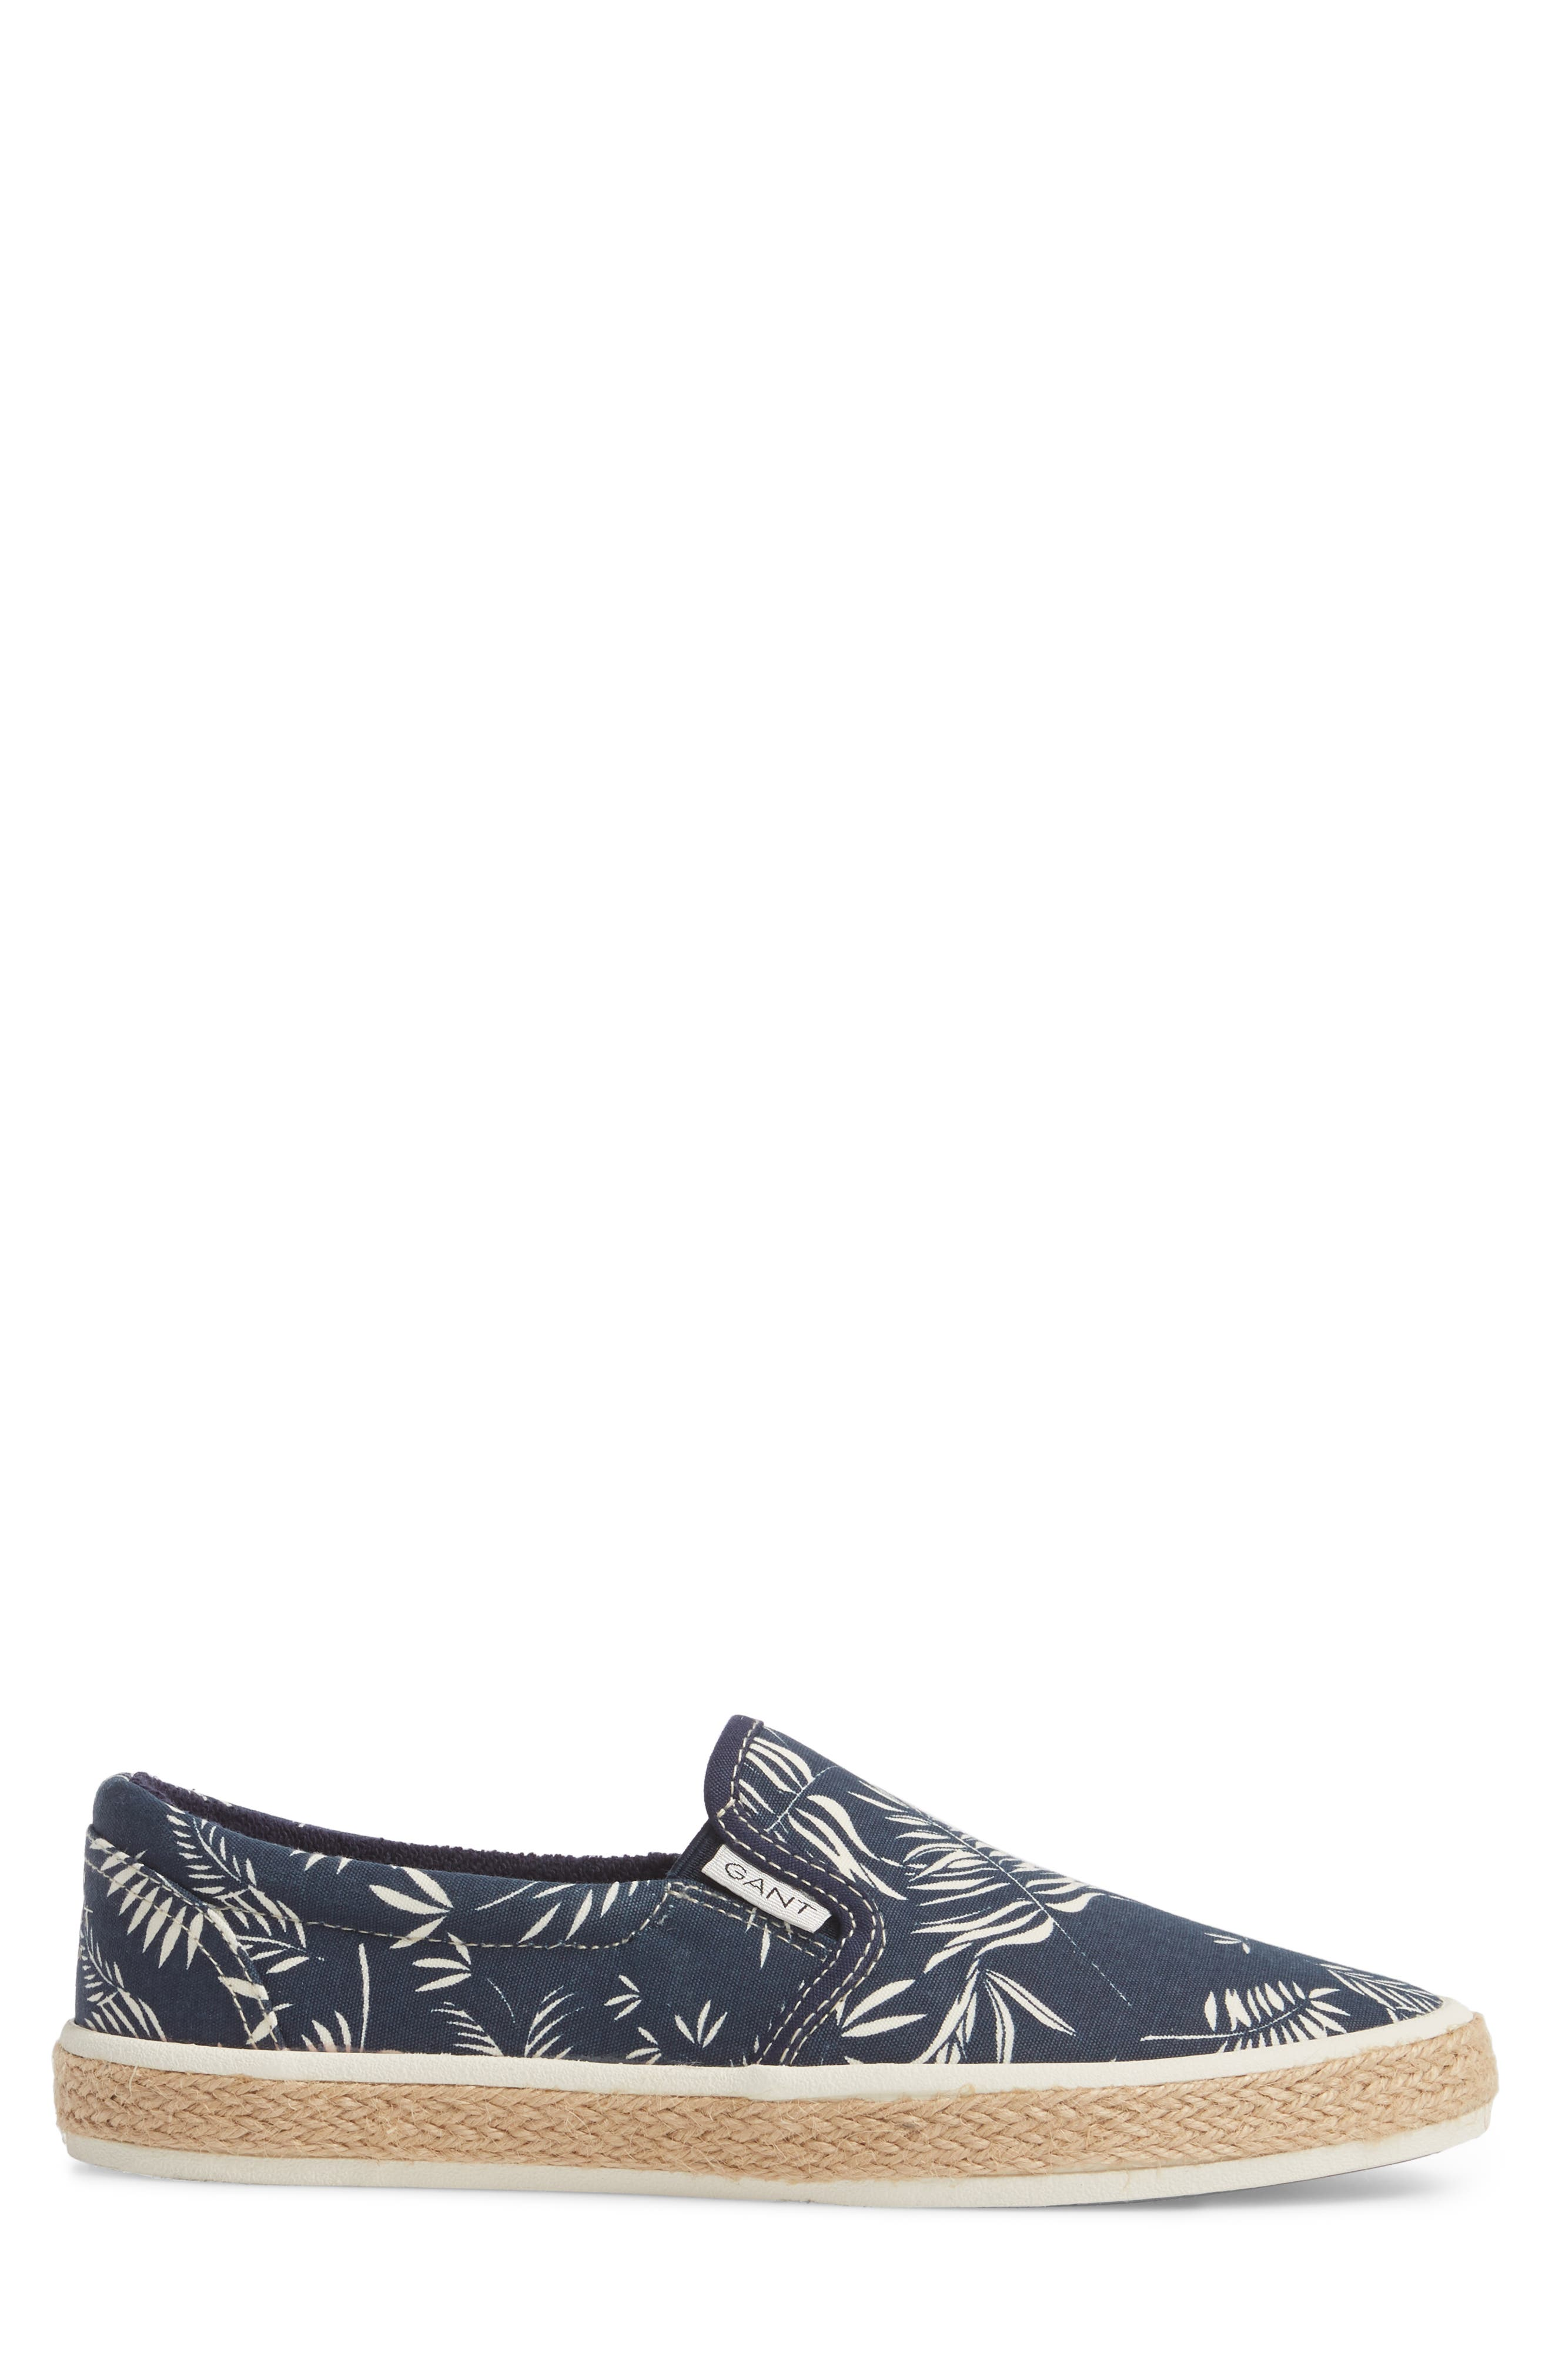 Master Espadrille Slip-On Sneaker,                             Alternate thumbnail 3, color,                             MULTI BLUE